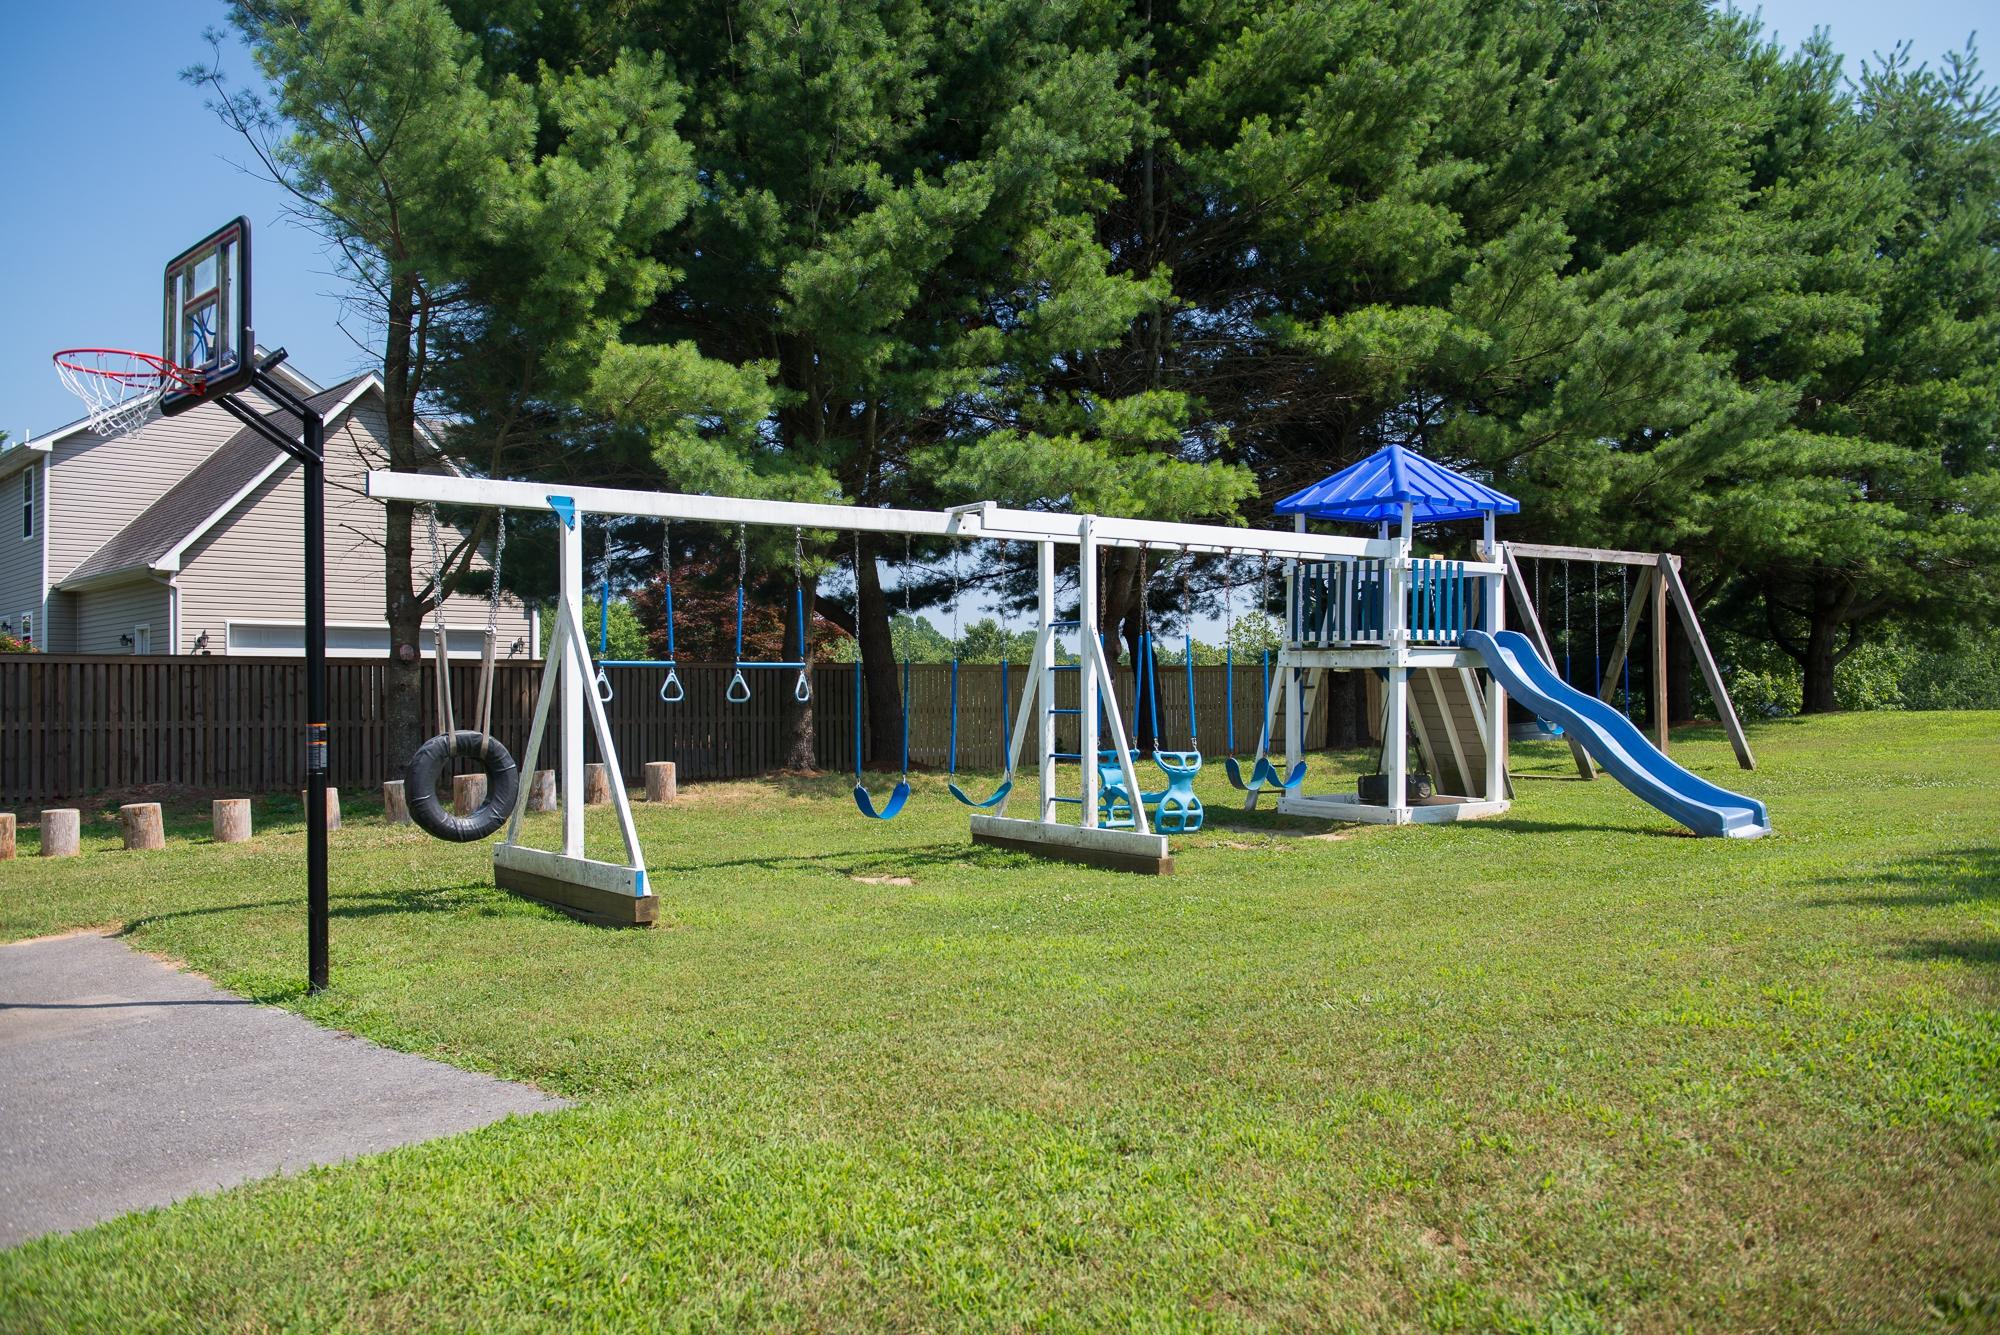 <p>The playground</p>